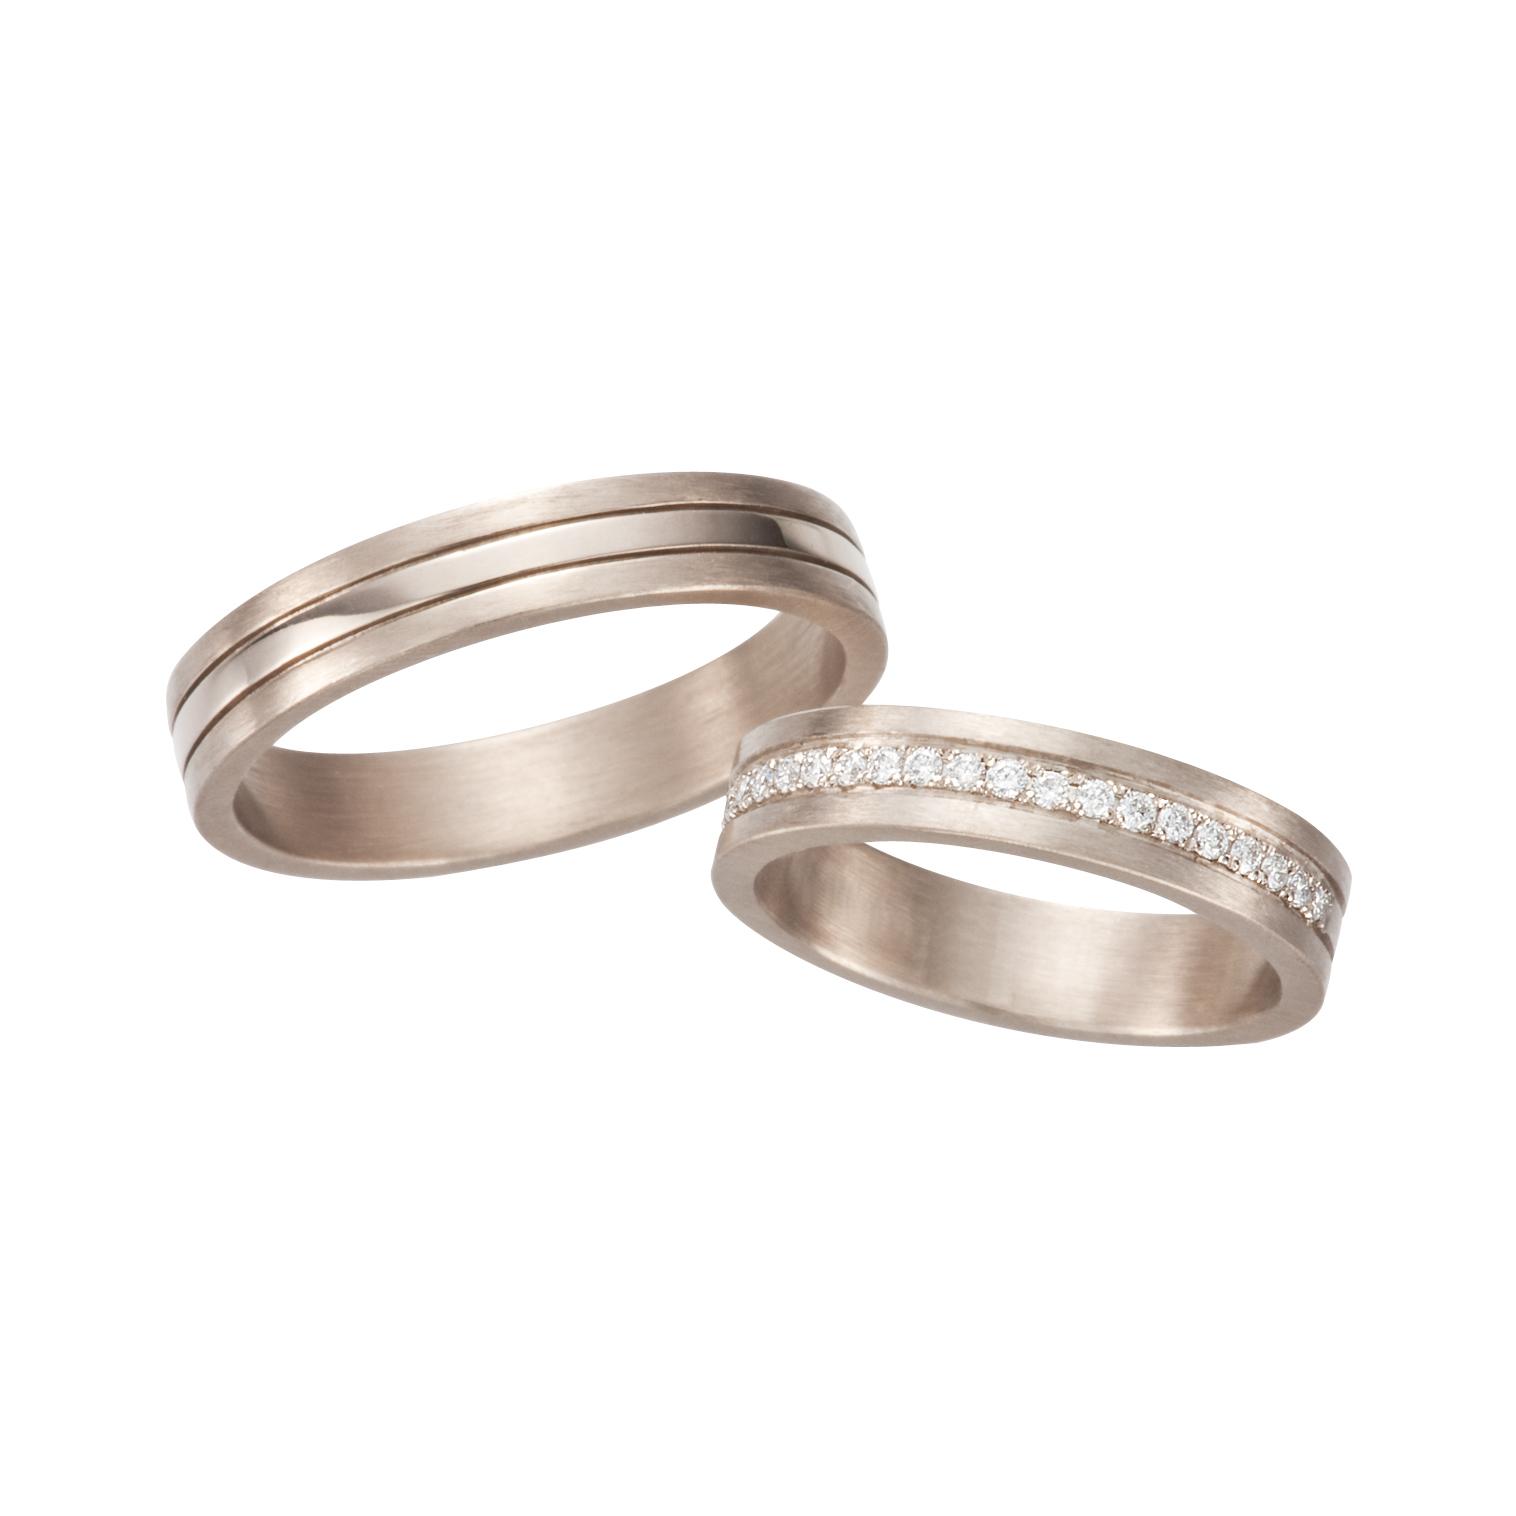 フェミニン,ゴージャス 結婚指輪のナチュラルホワイトコンビネーションズリング